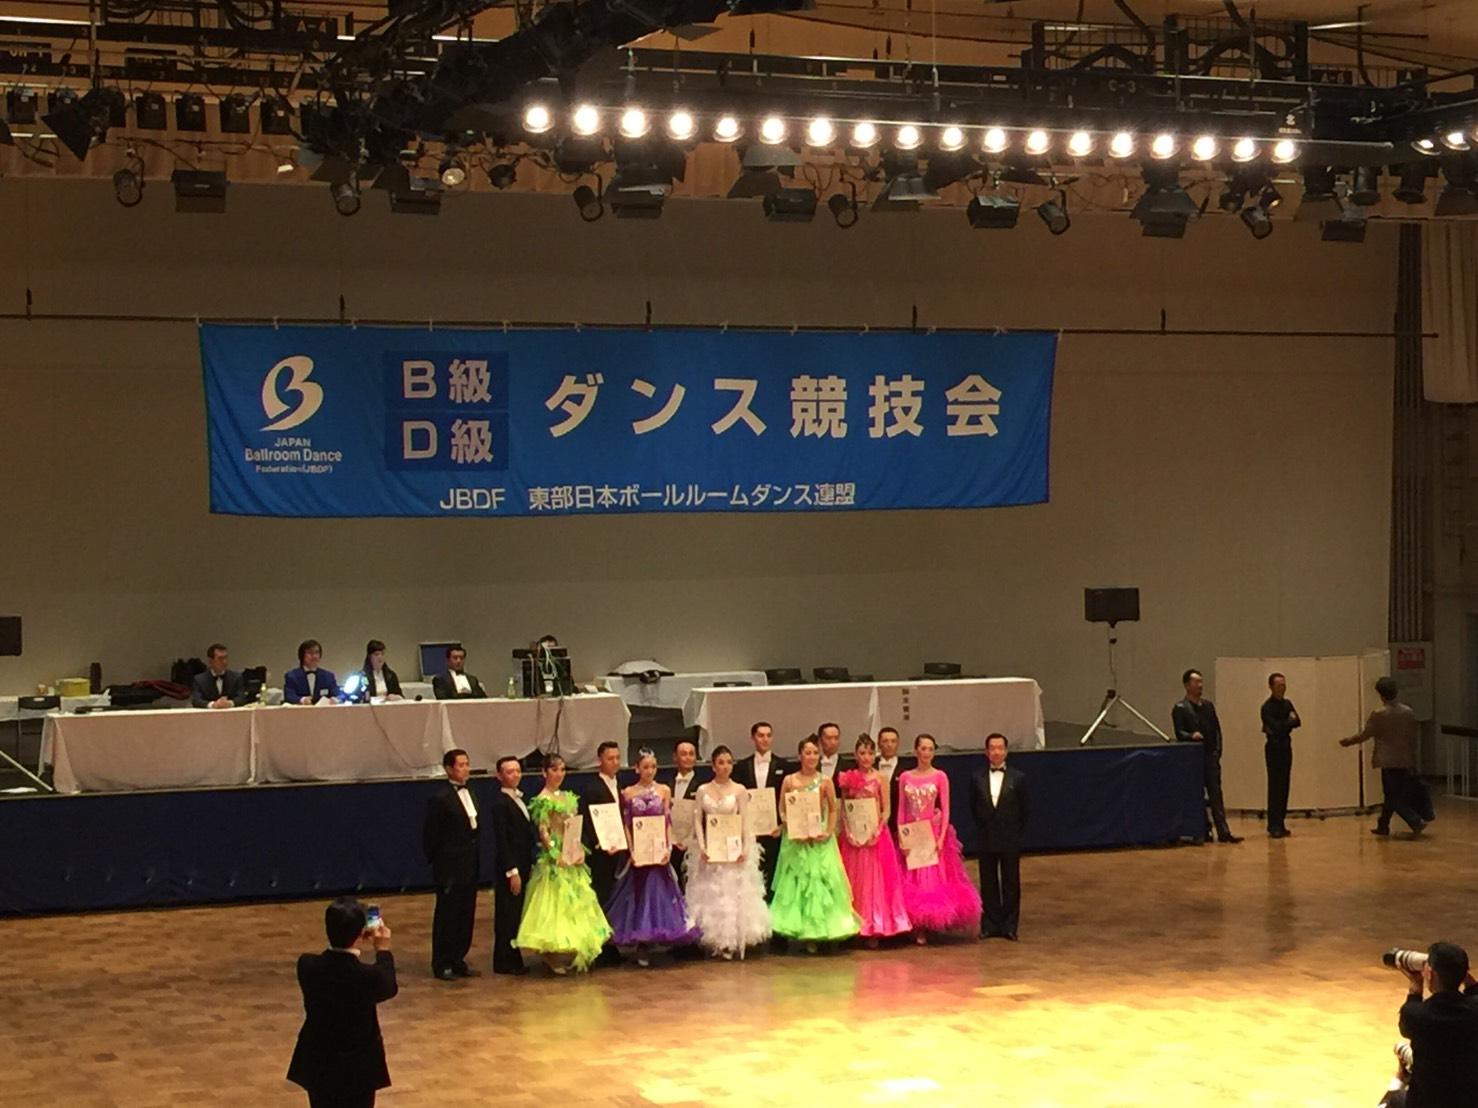 ダンス|後楽園ホール|速報|結果|10月16日|B級プロスタンダード